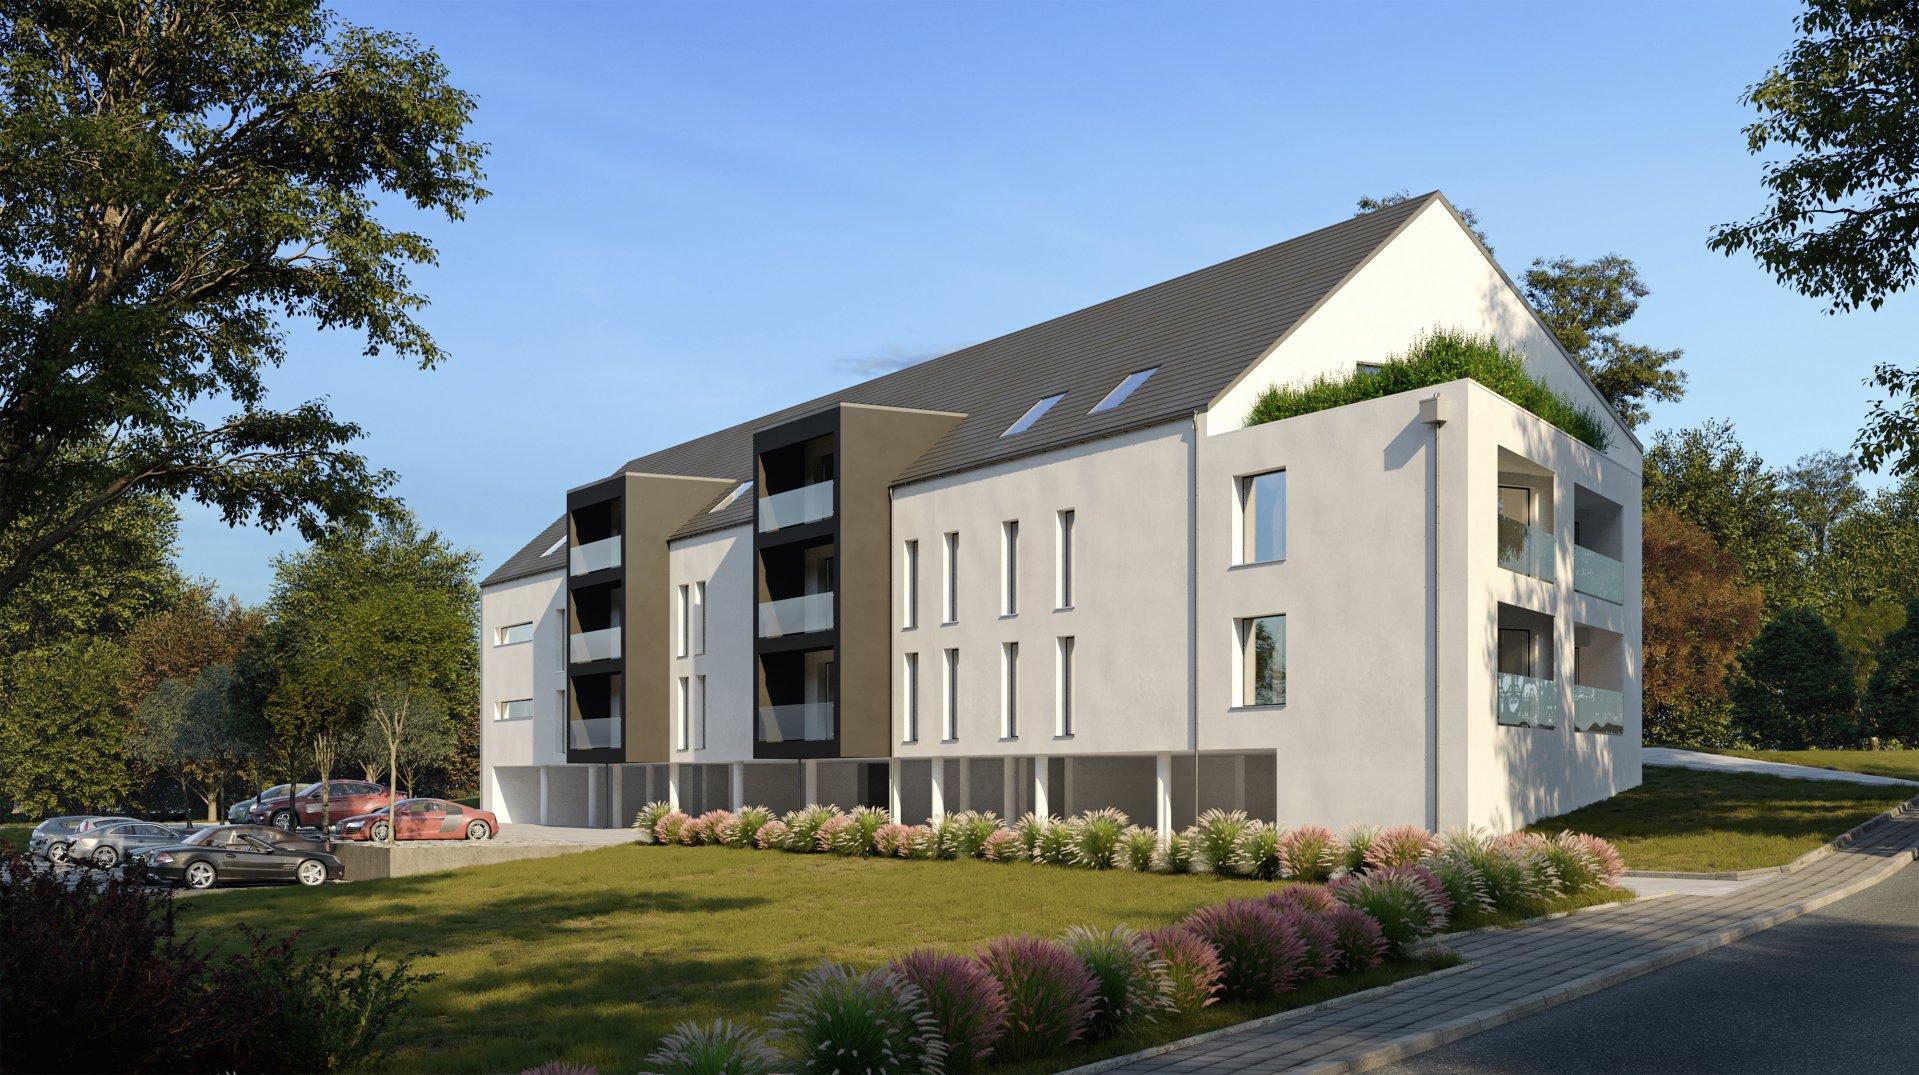 Vente Bureau - Binsfeld - Luxembourg